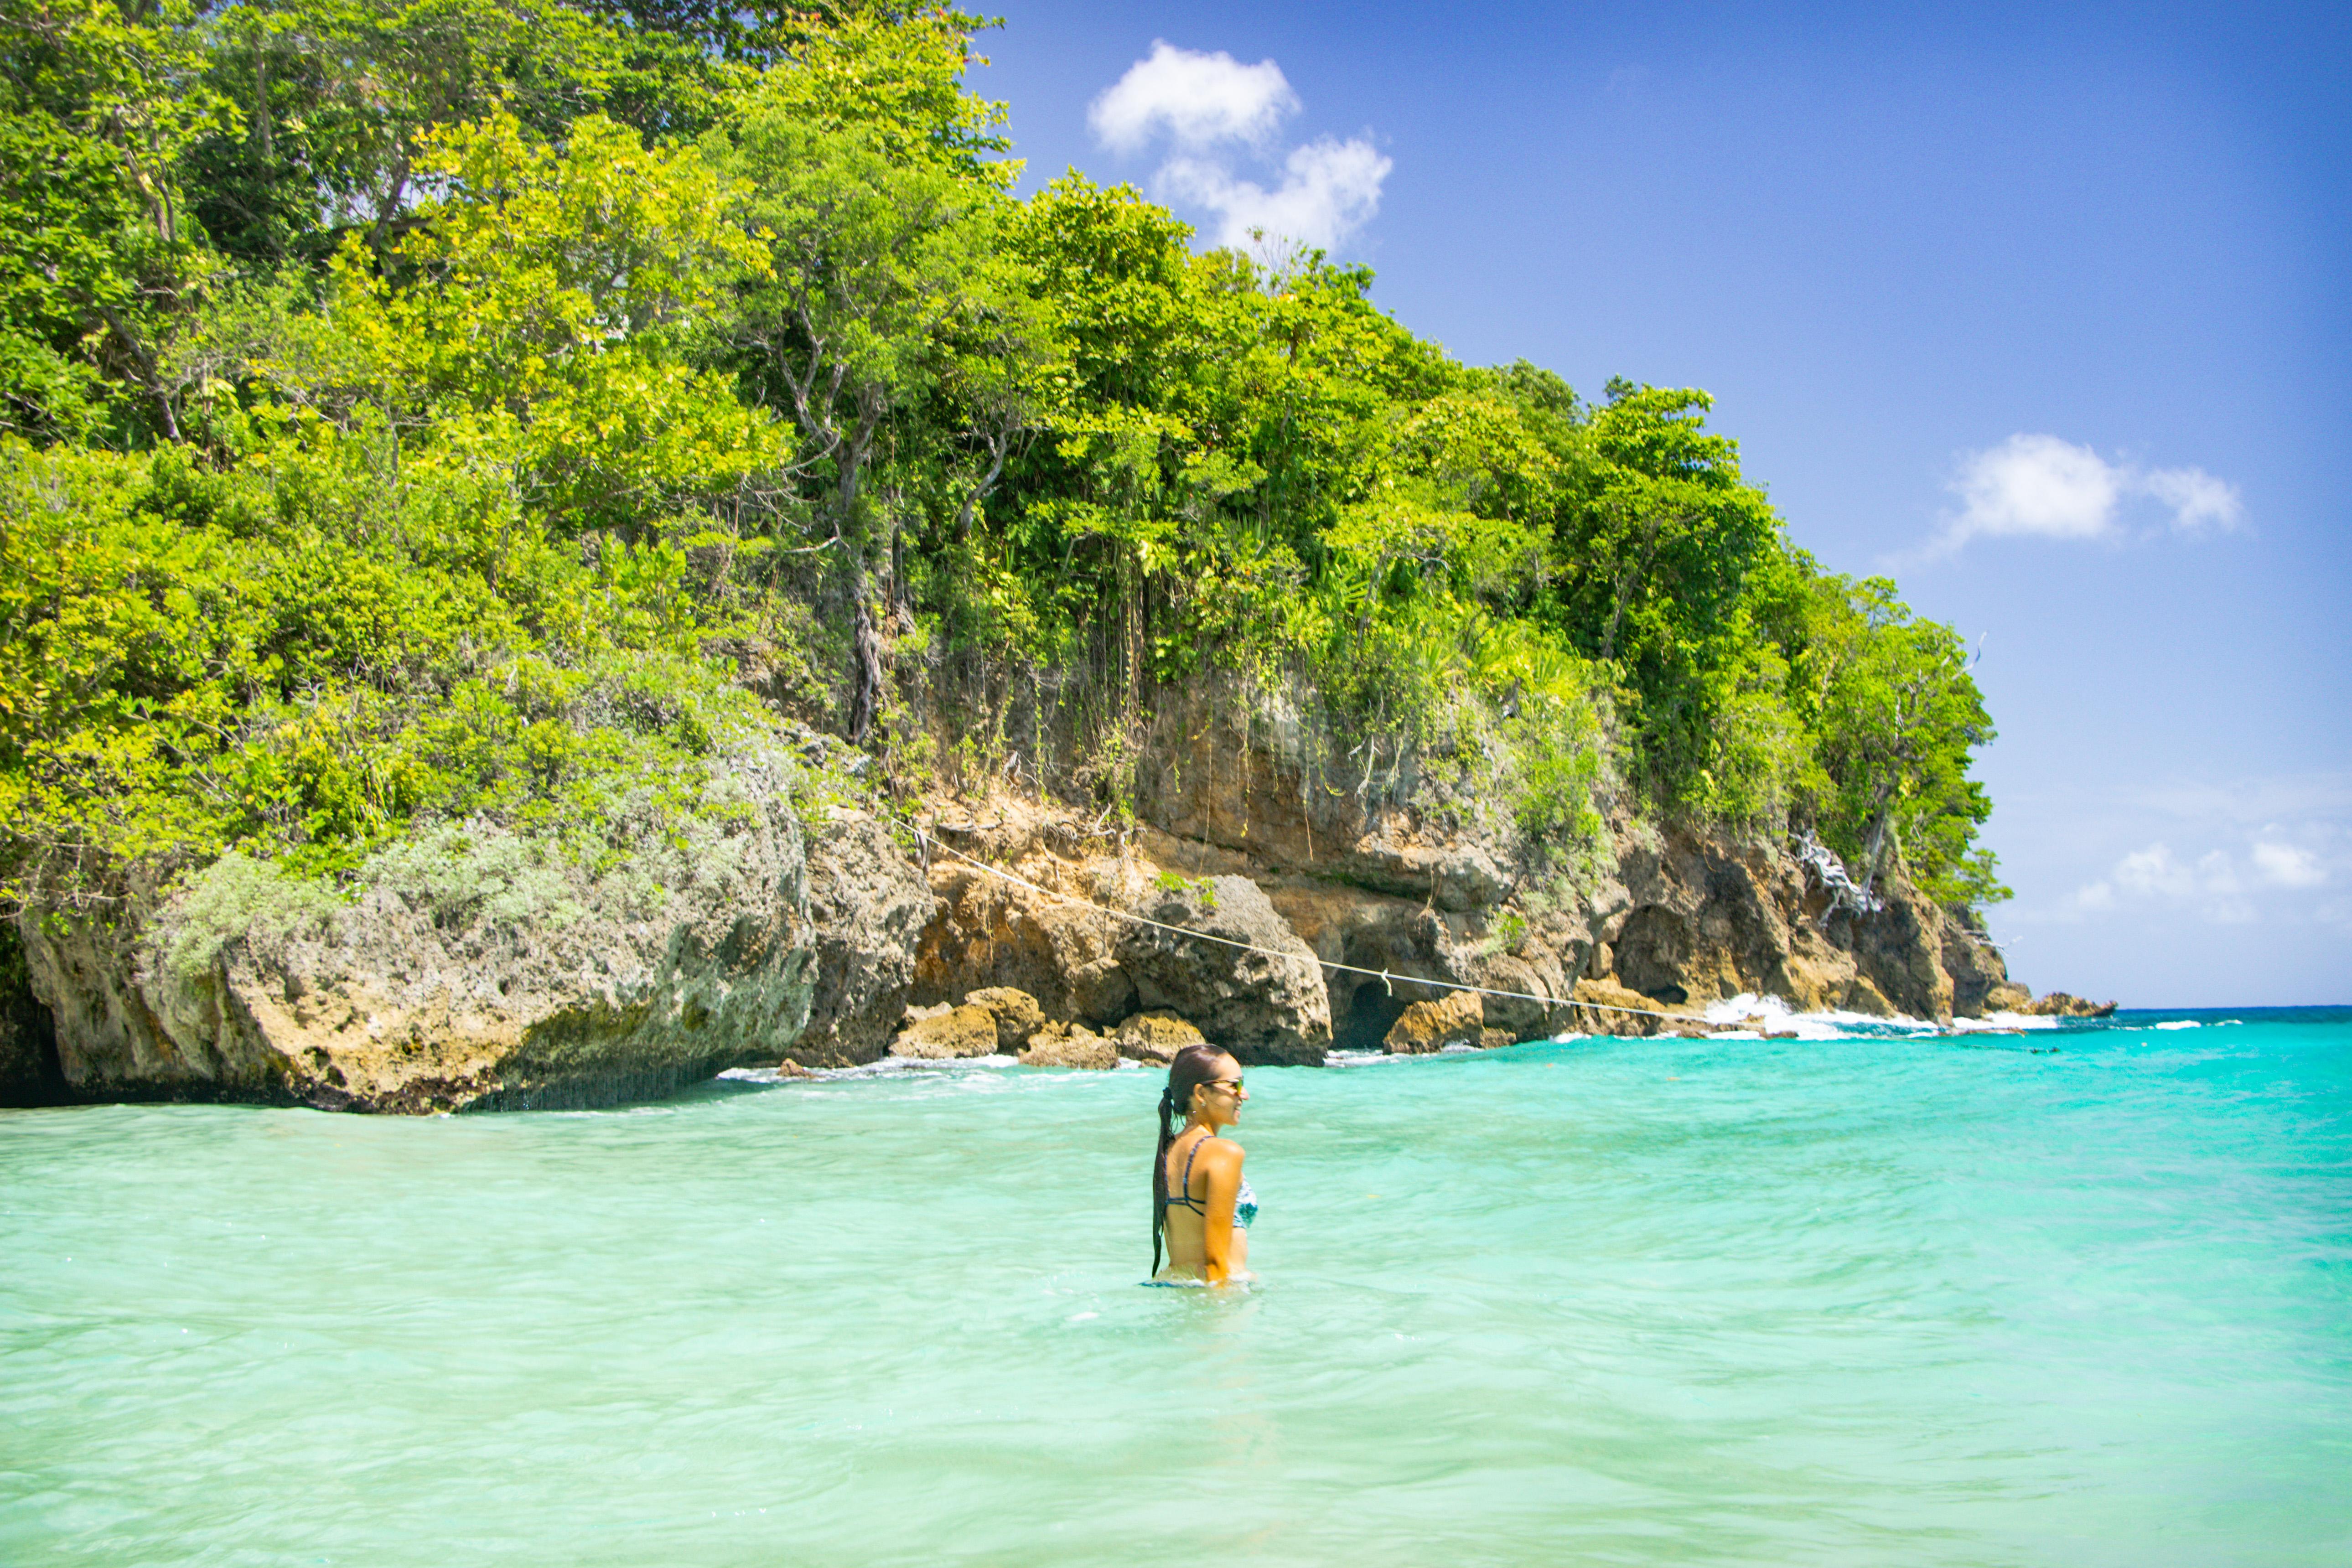 FRENCHMAN'S COVE BEACH Port Antonio